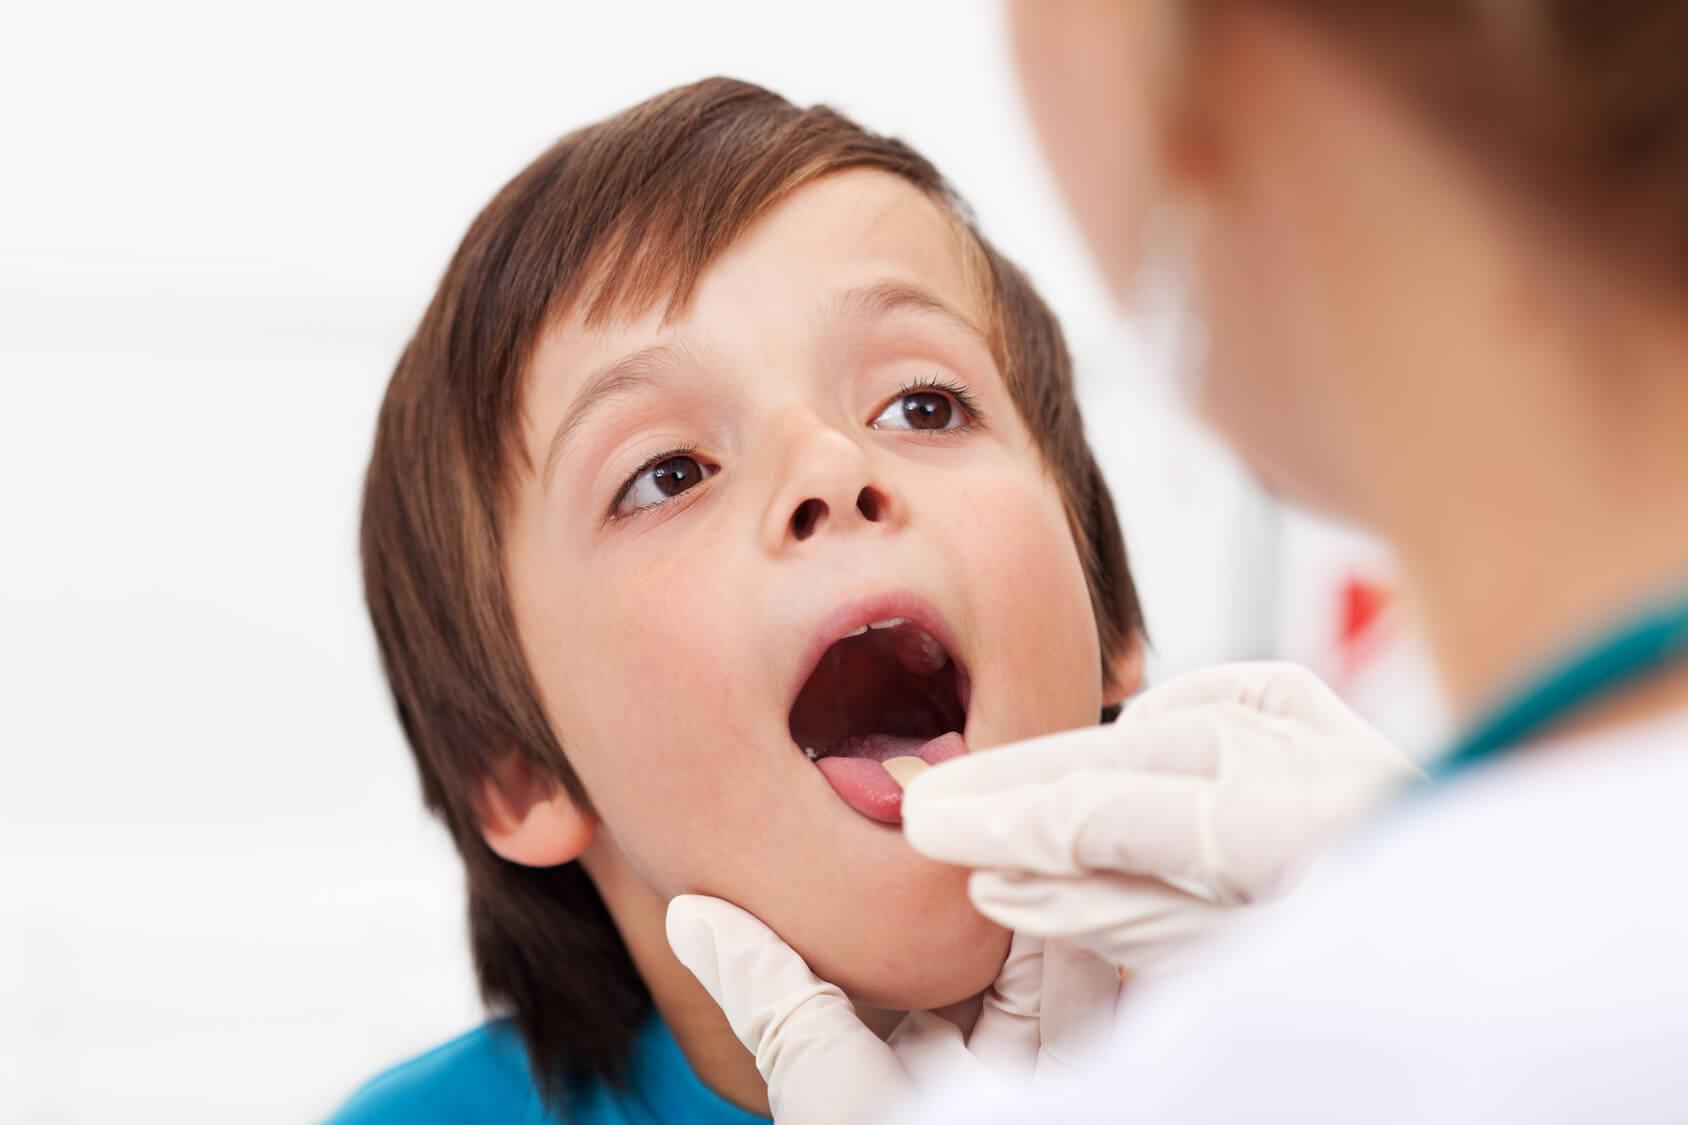 Больное горло у ребенка — как лечить: эффективные и безопасные методы лечения